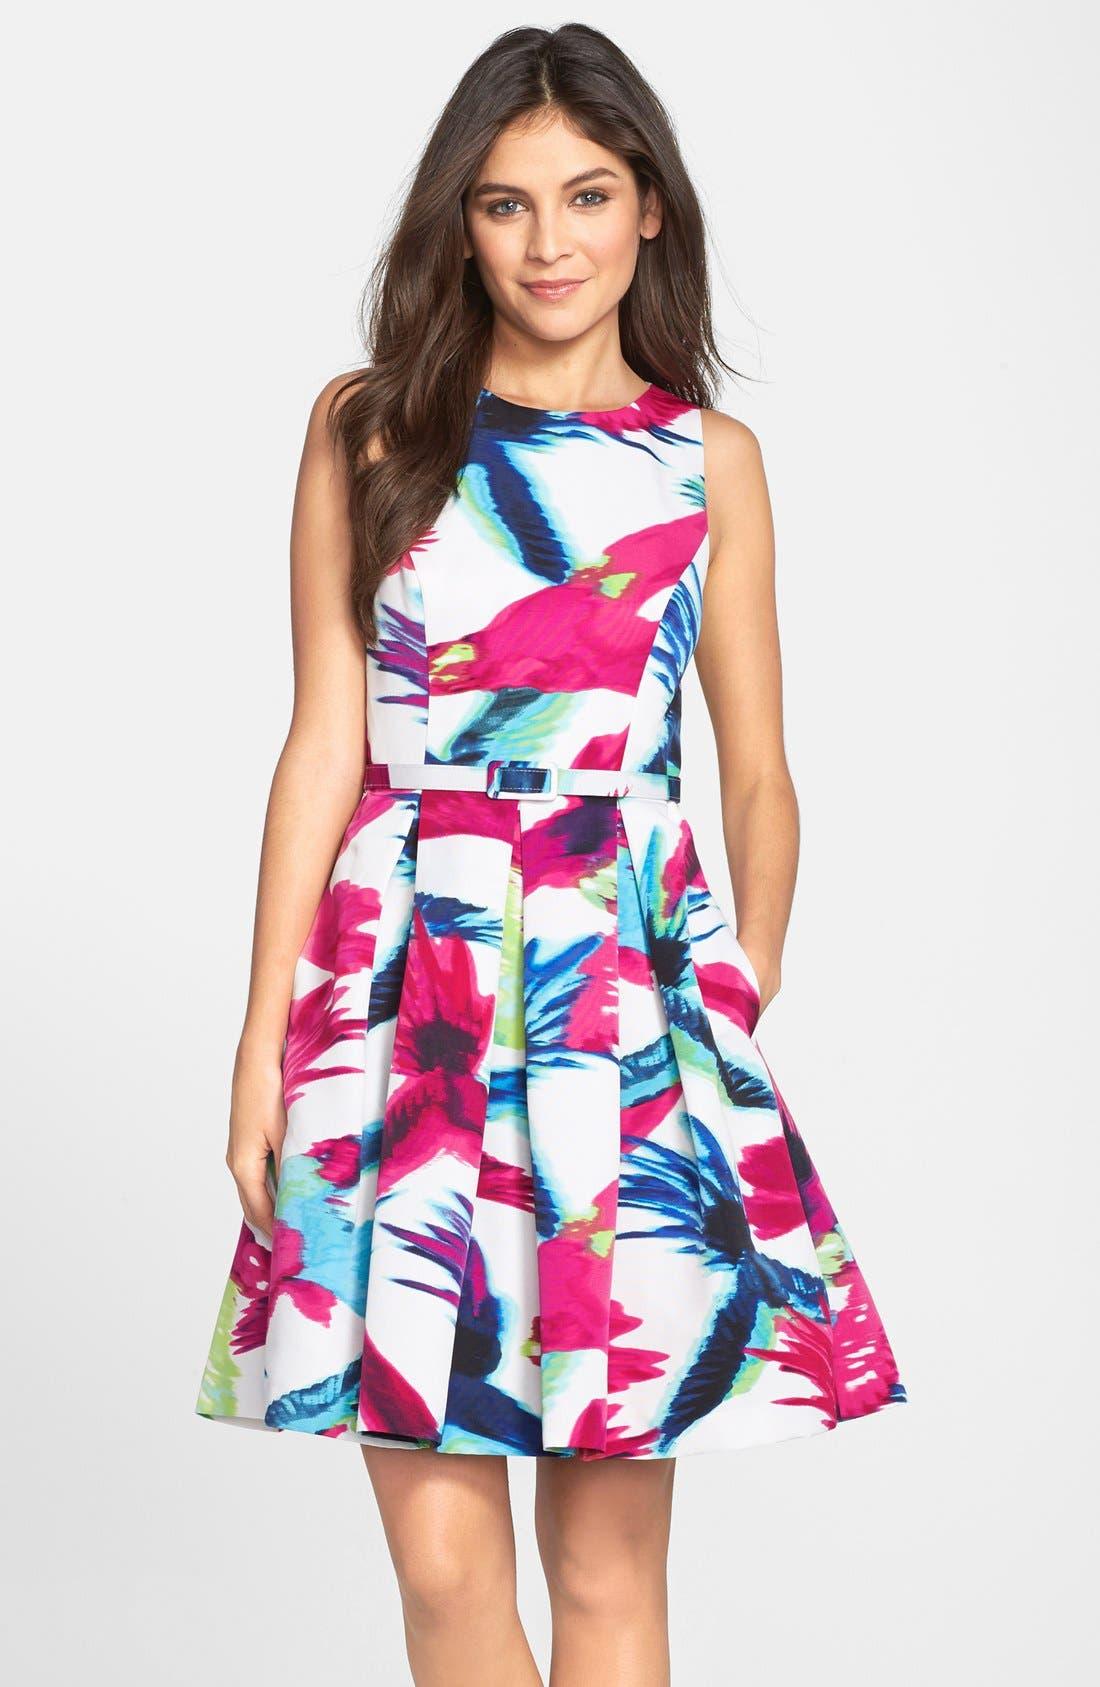 Alternate Image 1 Selected - Eliza J Belted Floral Print Fit & Flare Dress (Regular & Petite)